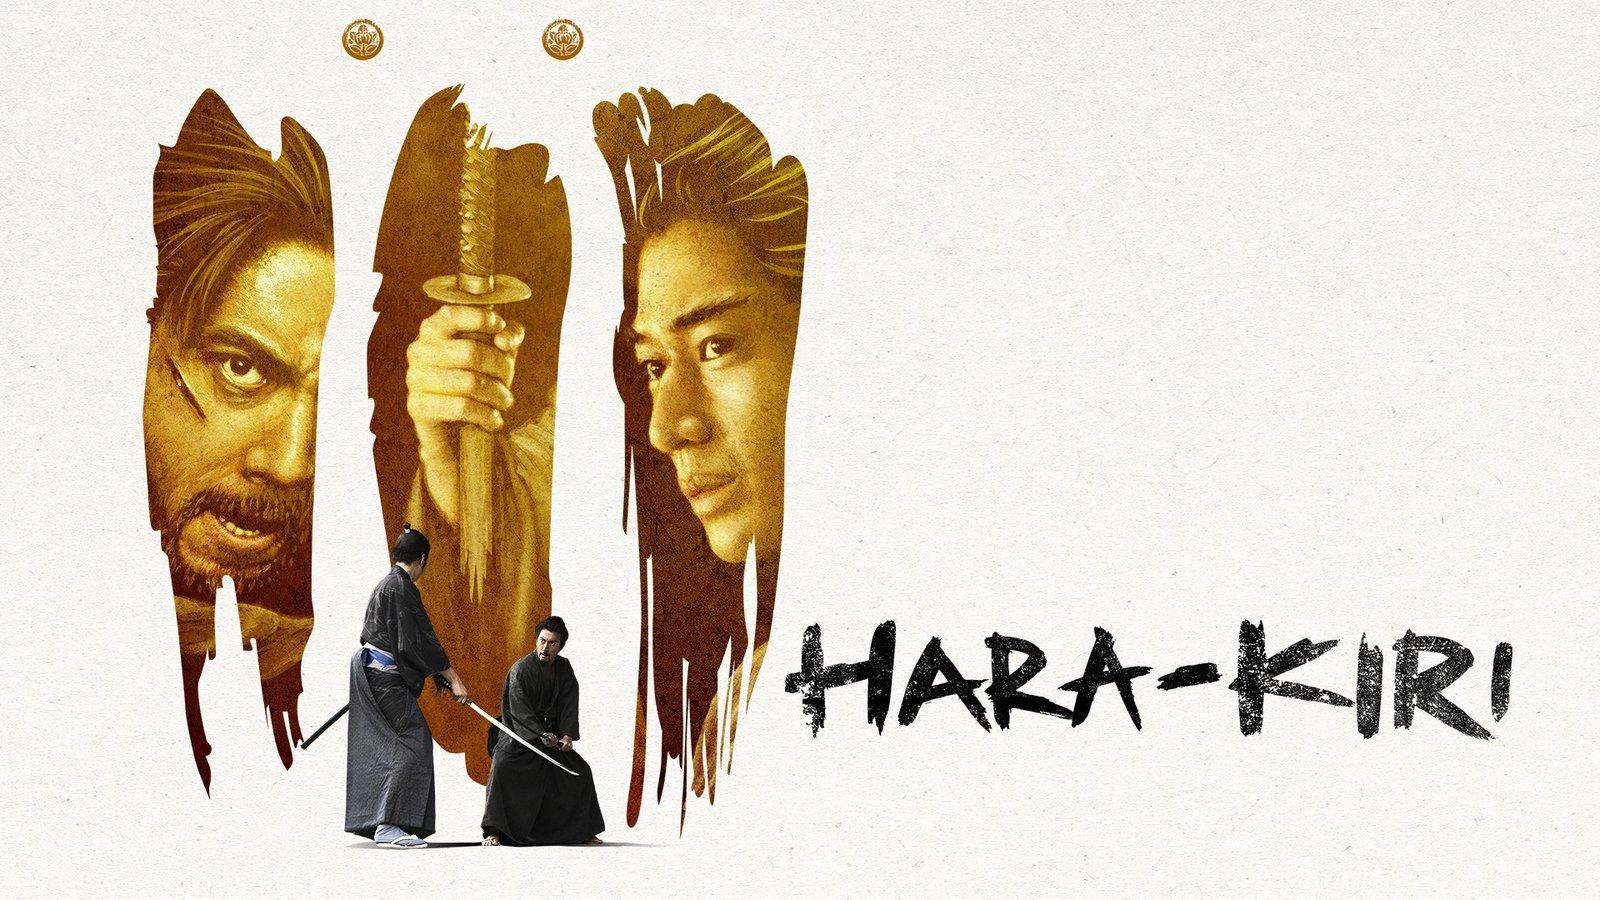 Hara-Kiri: Death of a Samurai - Ichimei